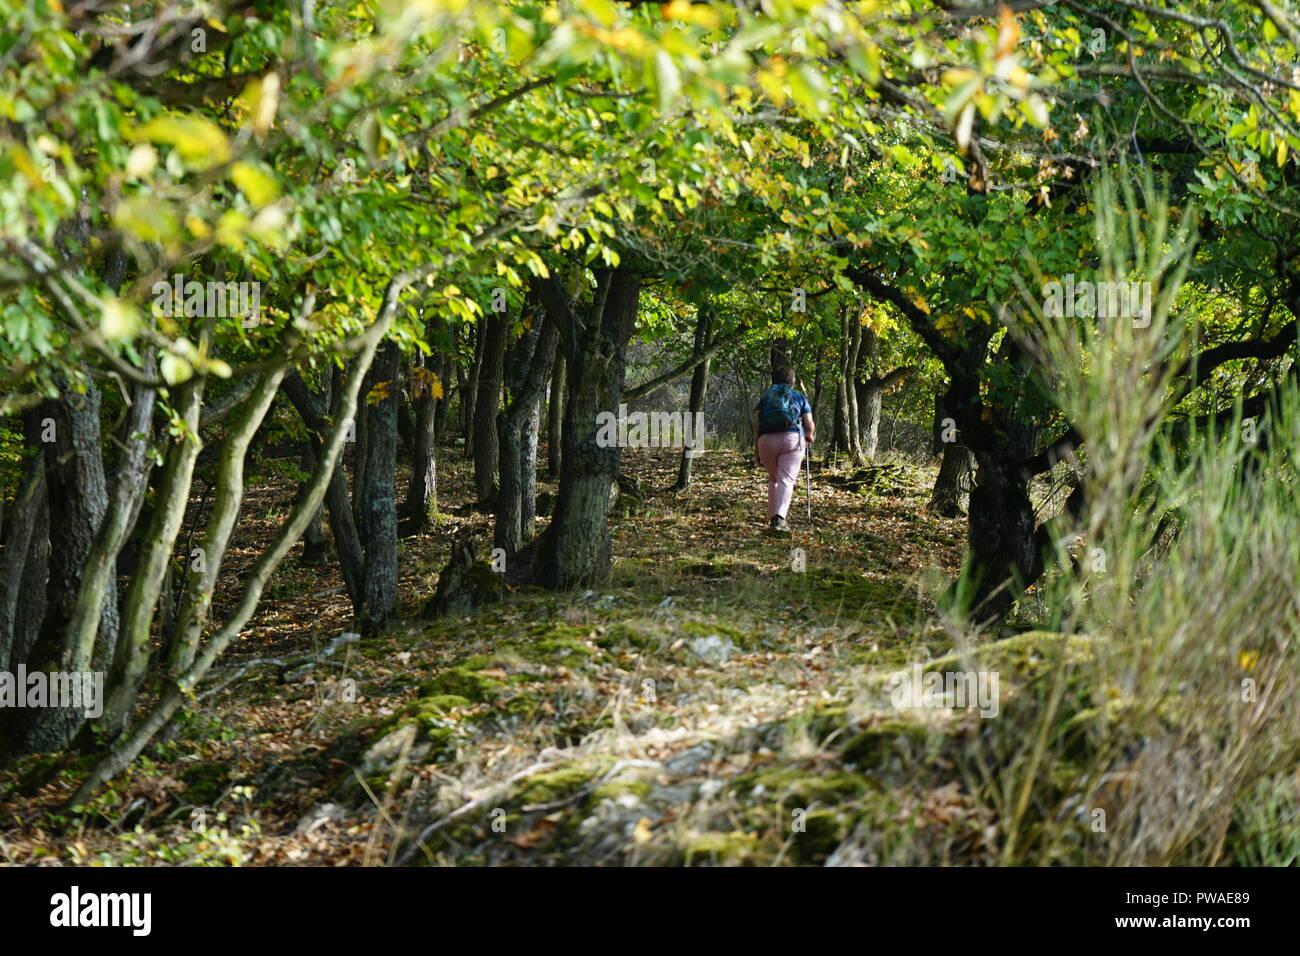 Eichenwald am Martberg, Moselsteig, Moseltal, Rheinland Pfalz, Deutschland - Stock Image